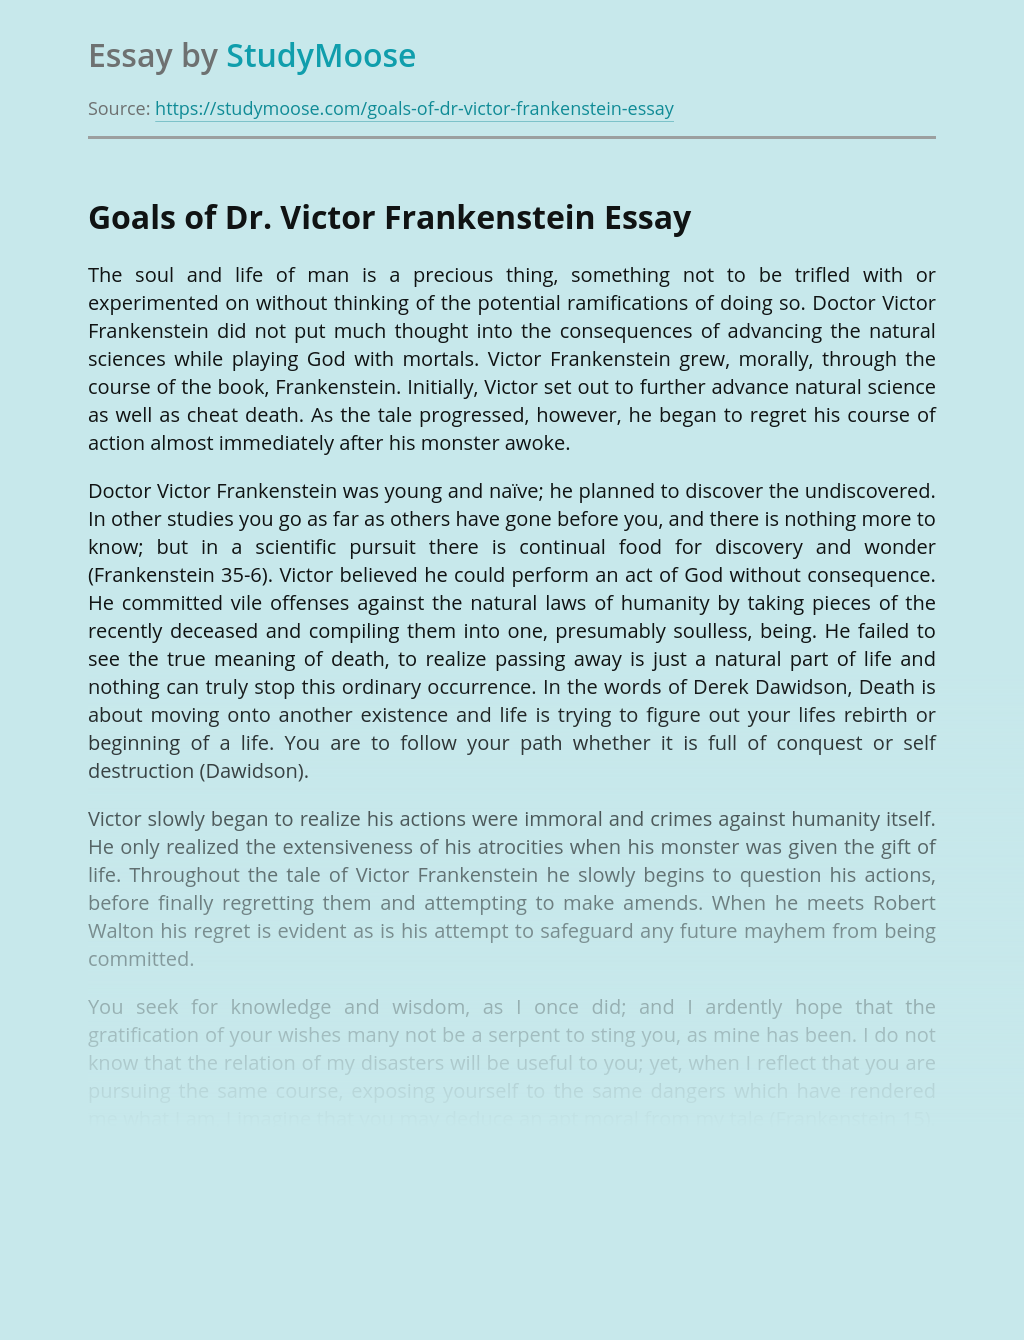 Goals of Dr. Victor Frankenstein